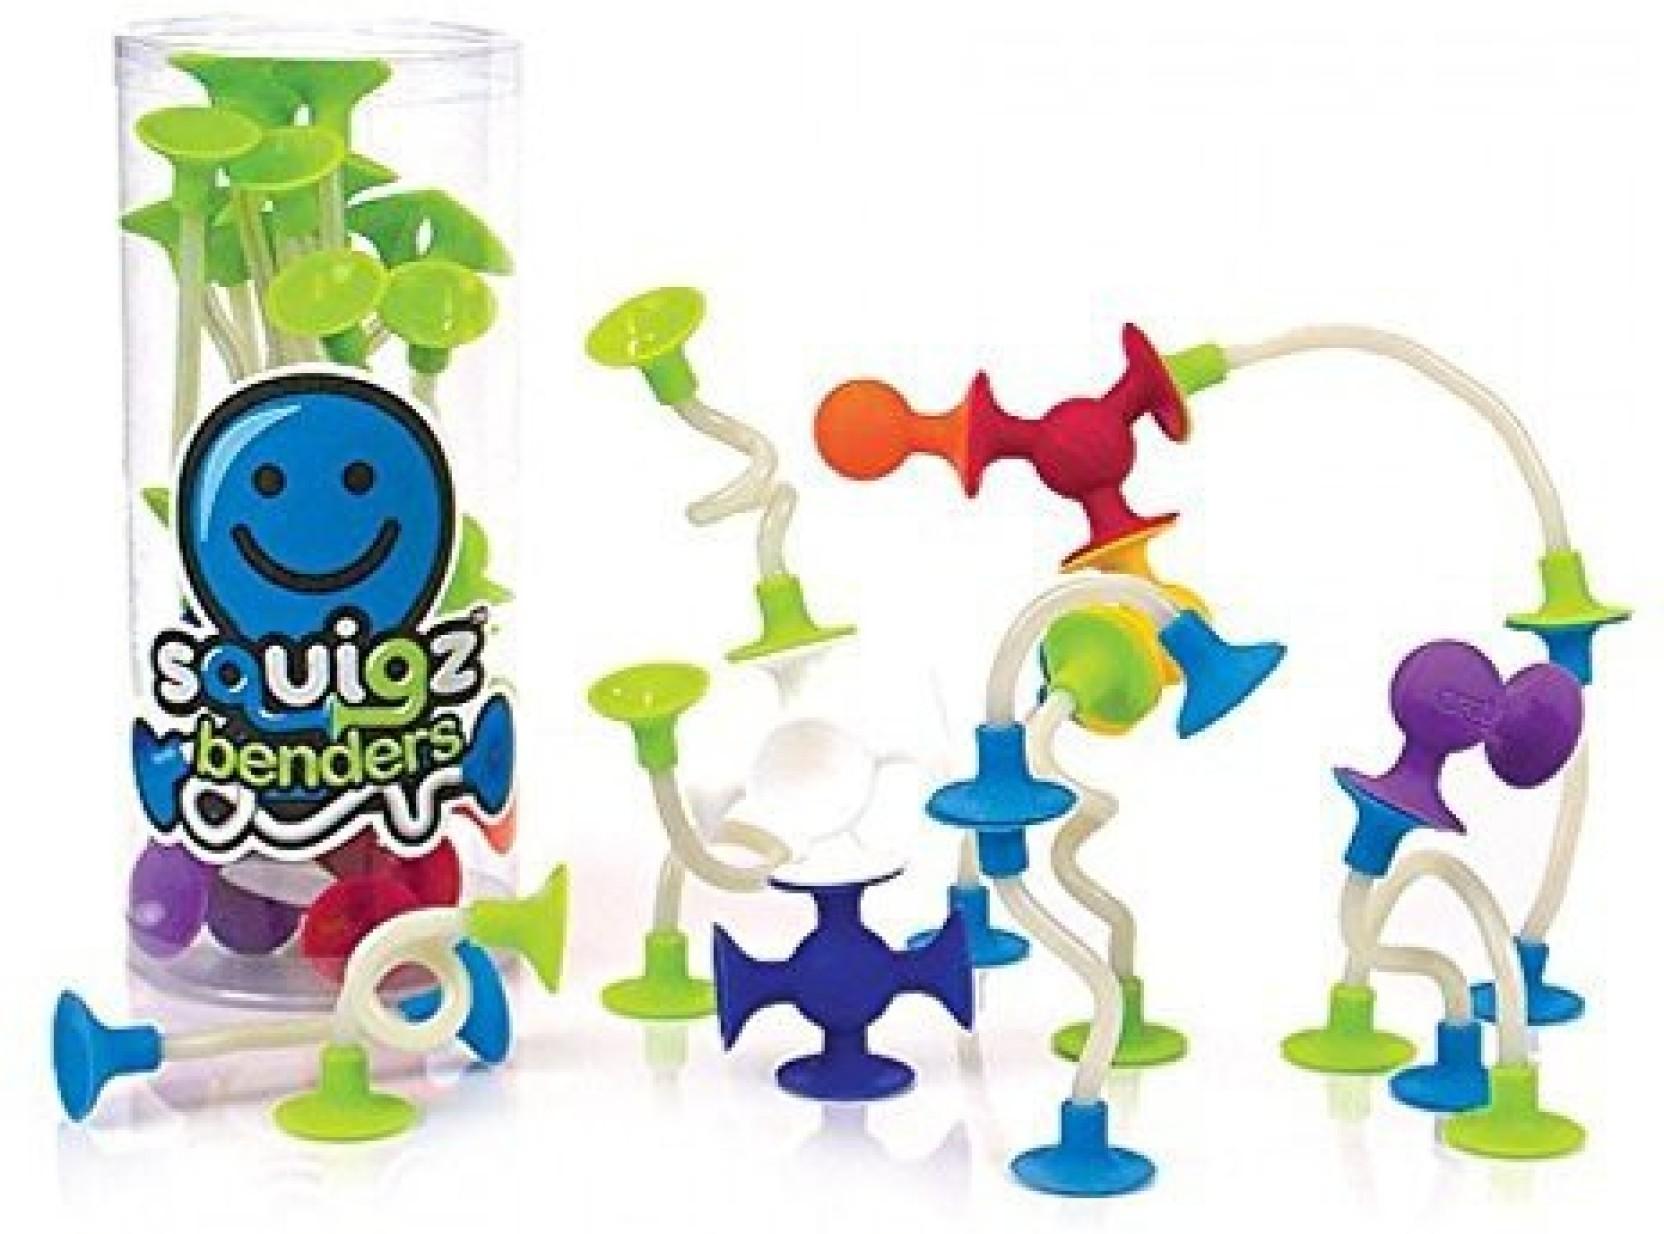 Fat Brain Toys Squigz Benders Squigz Benders Buy Action